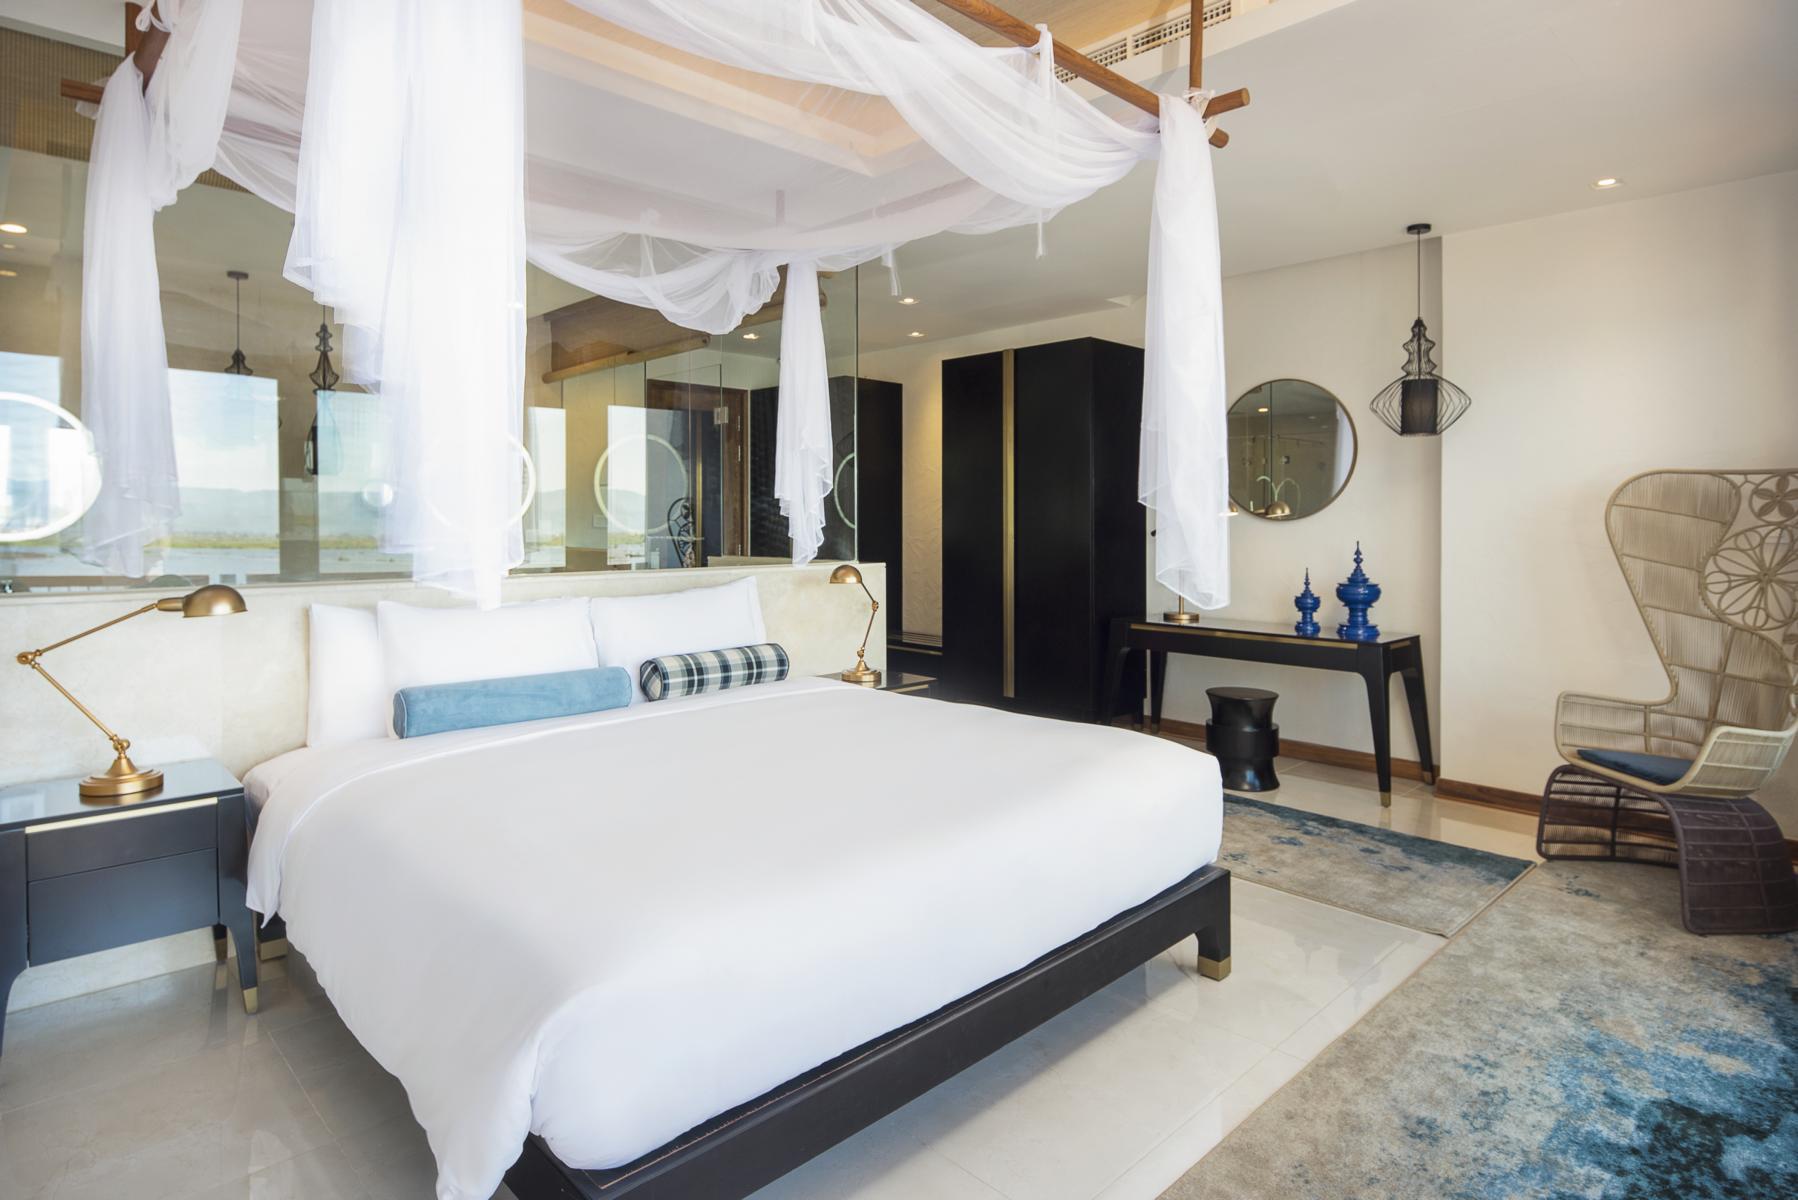 Schlafzimmer im Sofitel Inle am Inle See in Myanmar